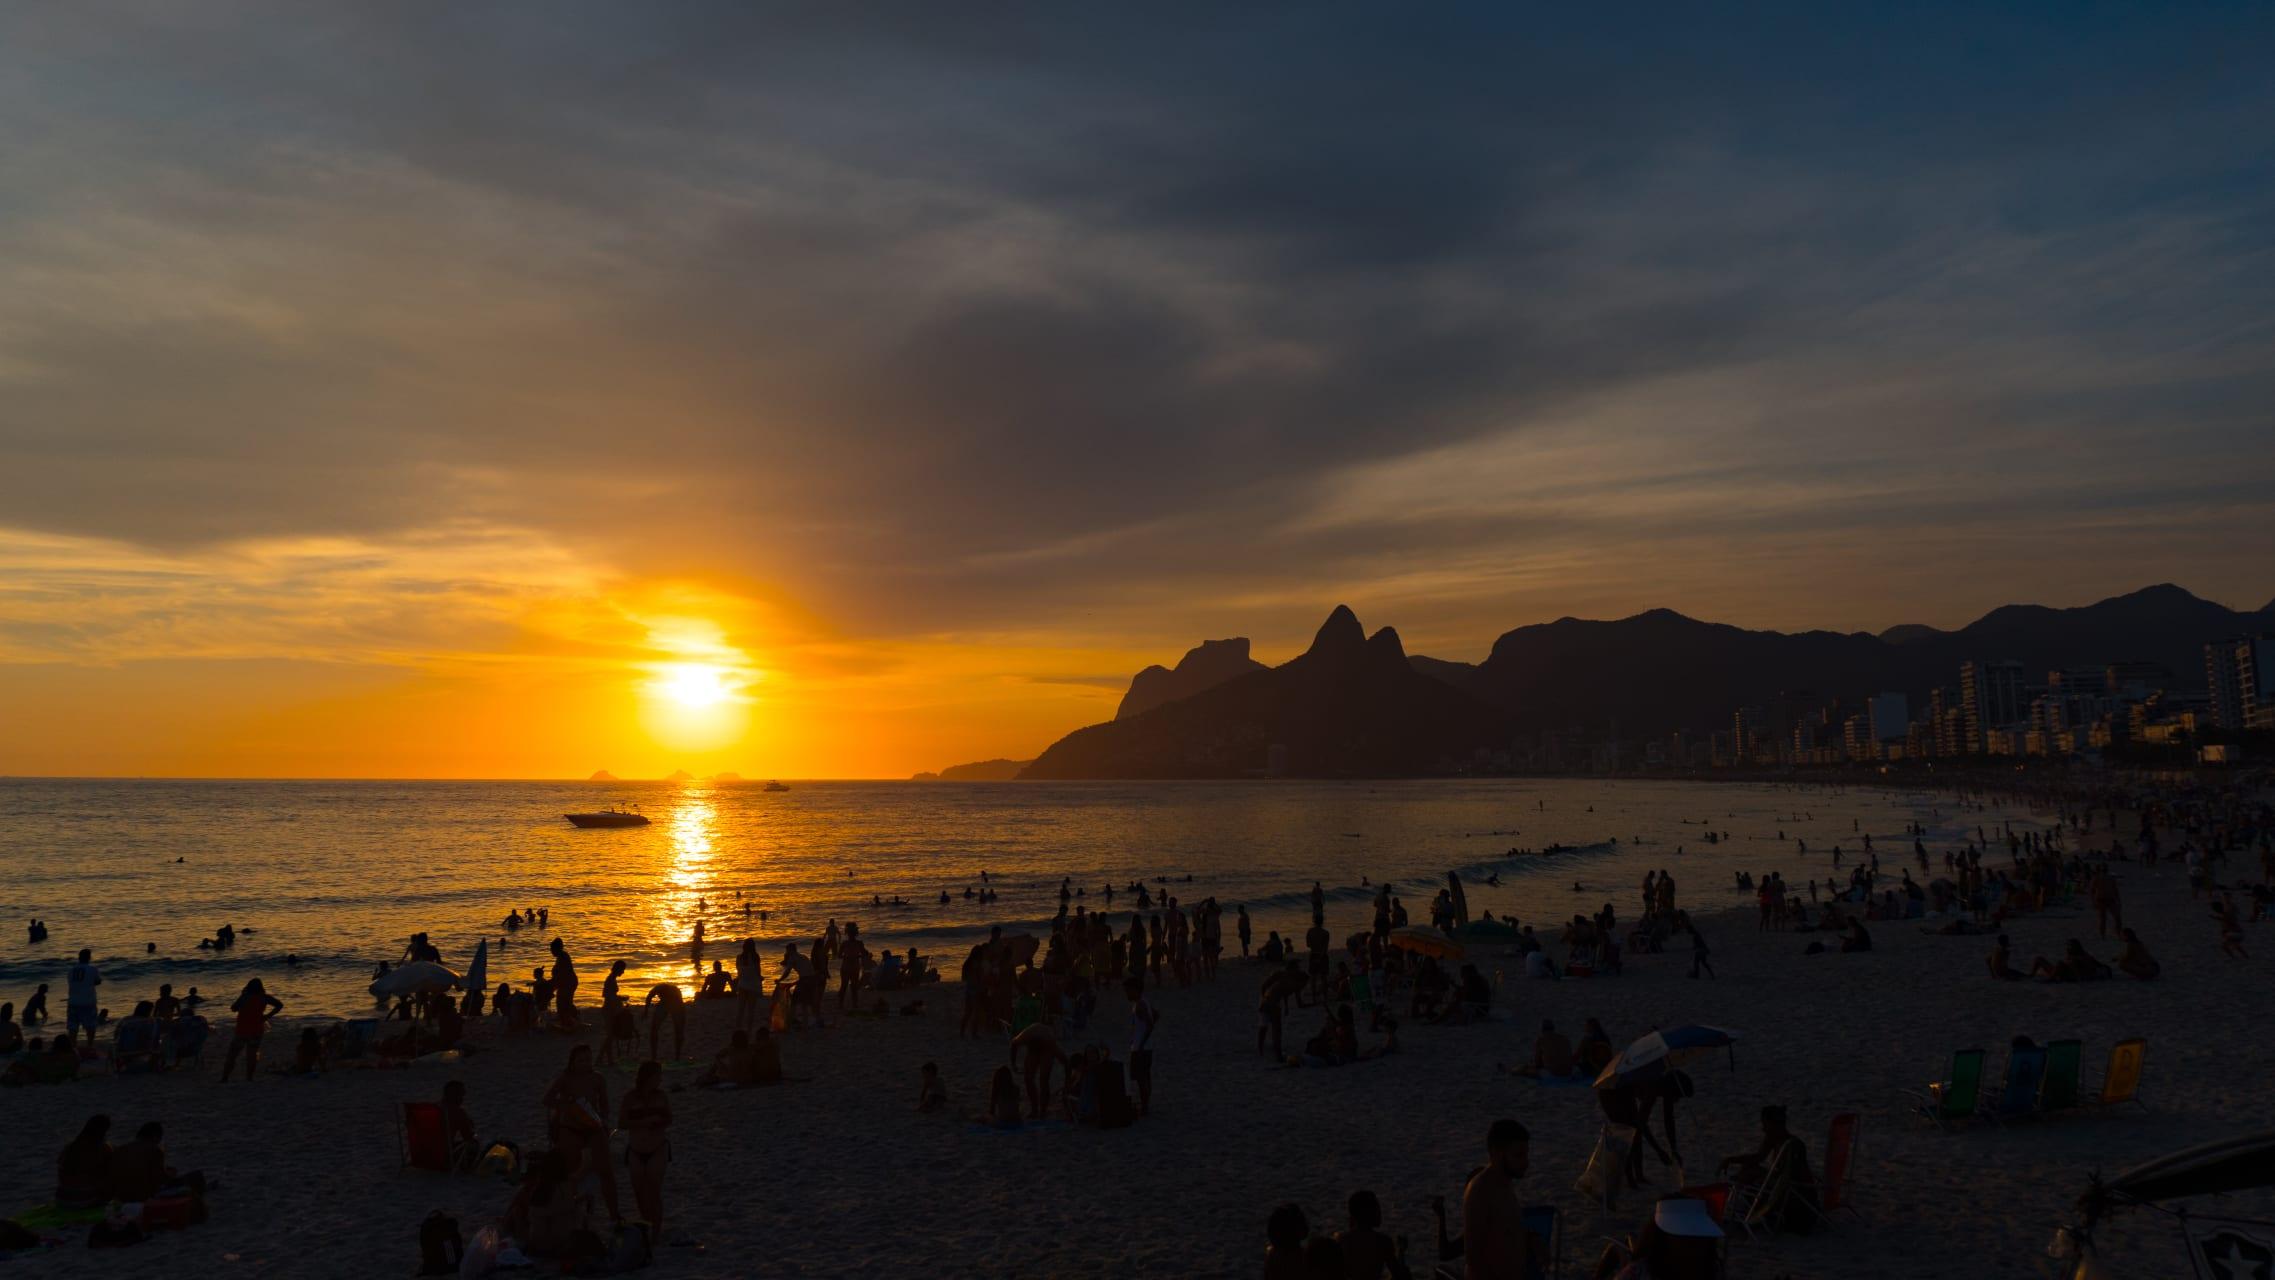 Rio de Janeiro - Music Sunset in Ipanema